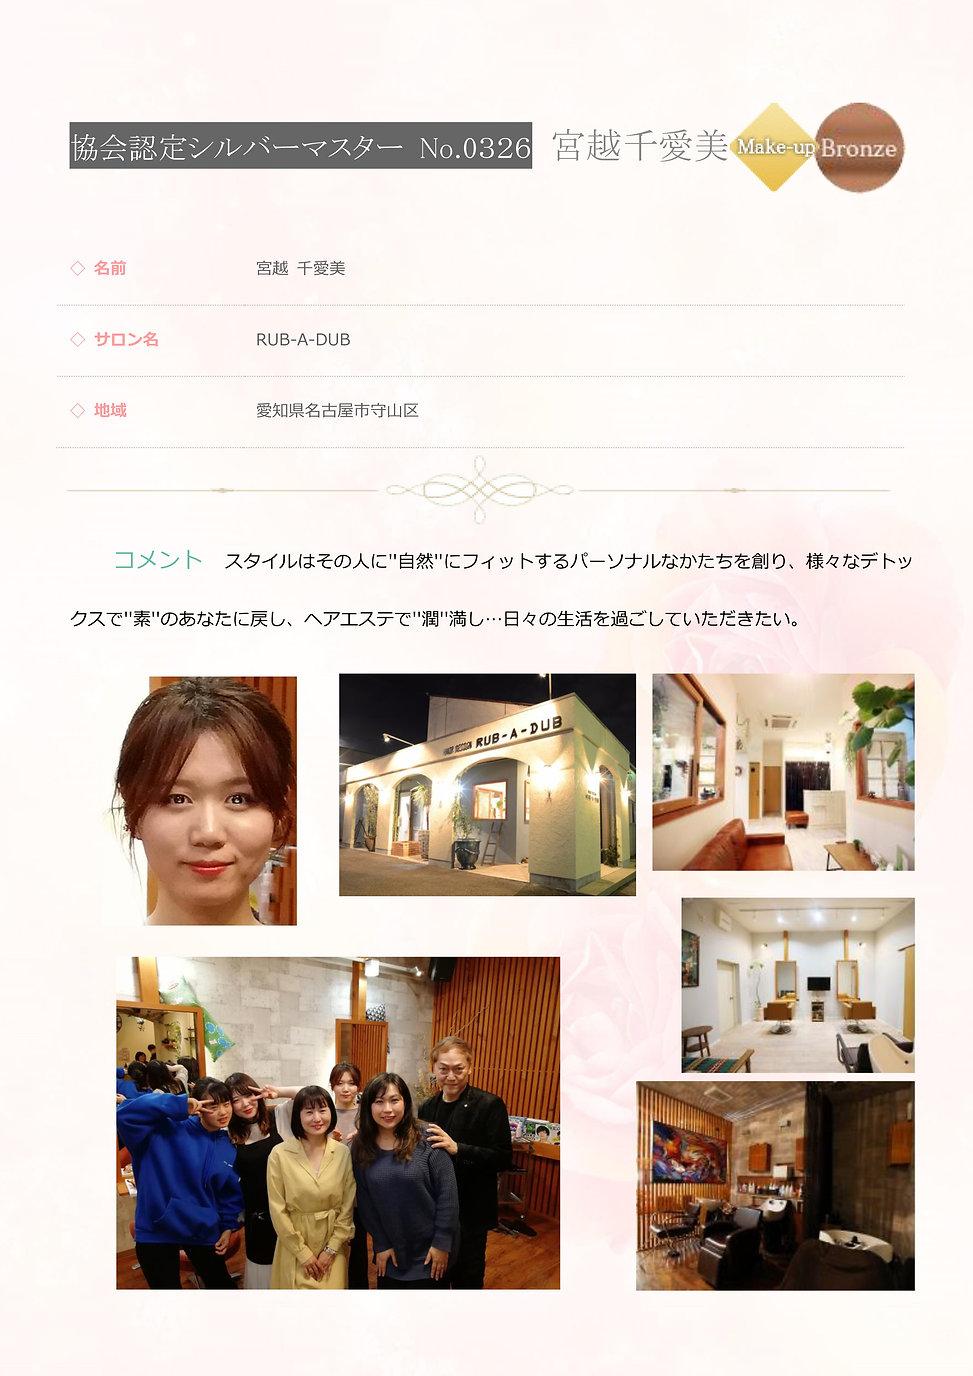 0326 宮越 千愛美 協会認定ブロンズマスター メイク.jpg